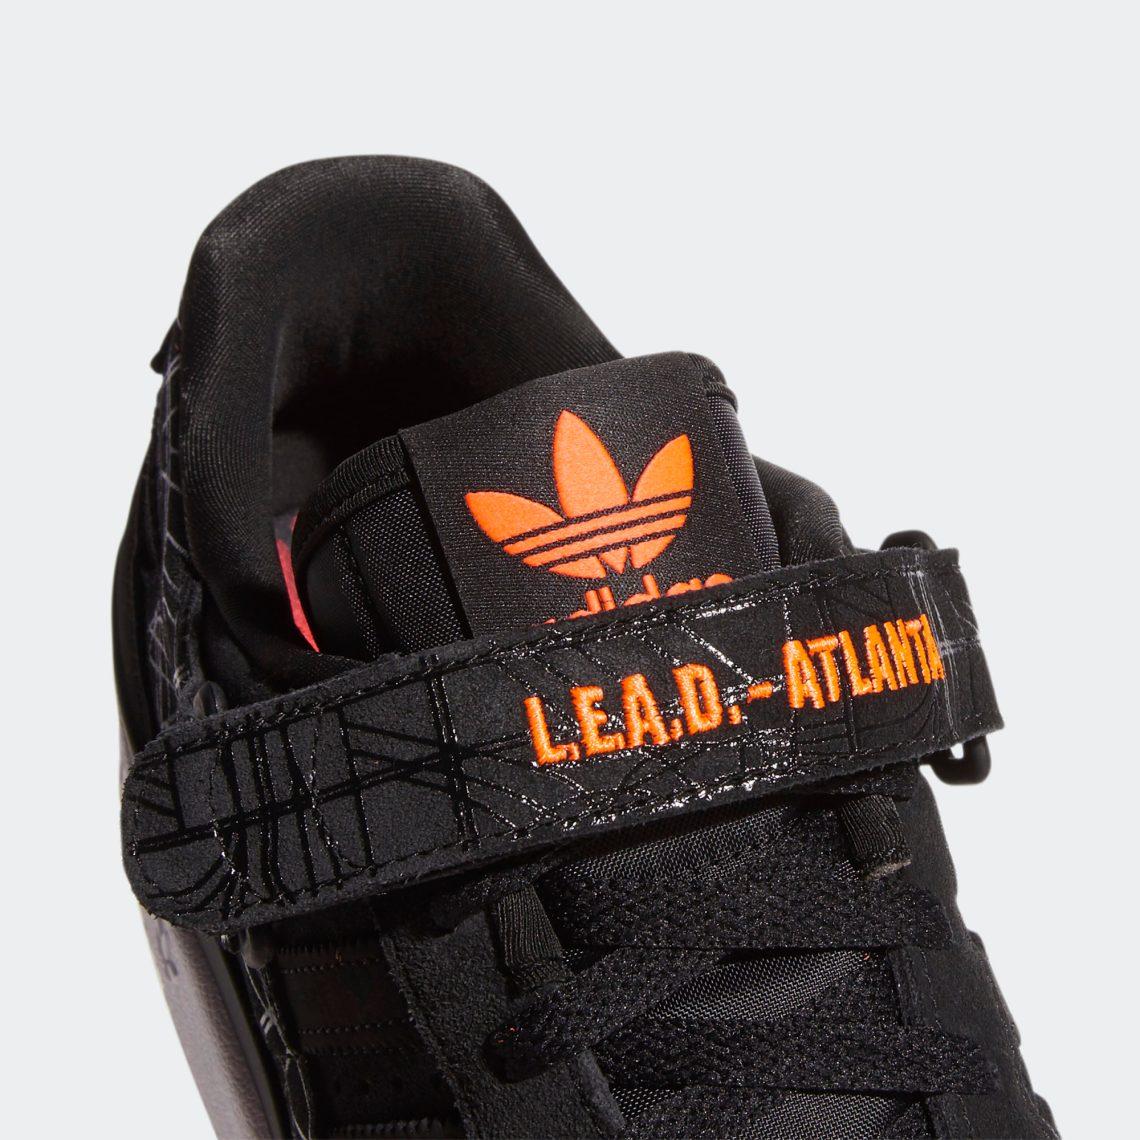 adidas forum lo l e a d atlanta core black core black vivid red GZ6604 8